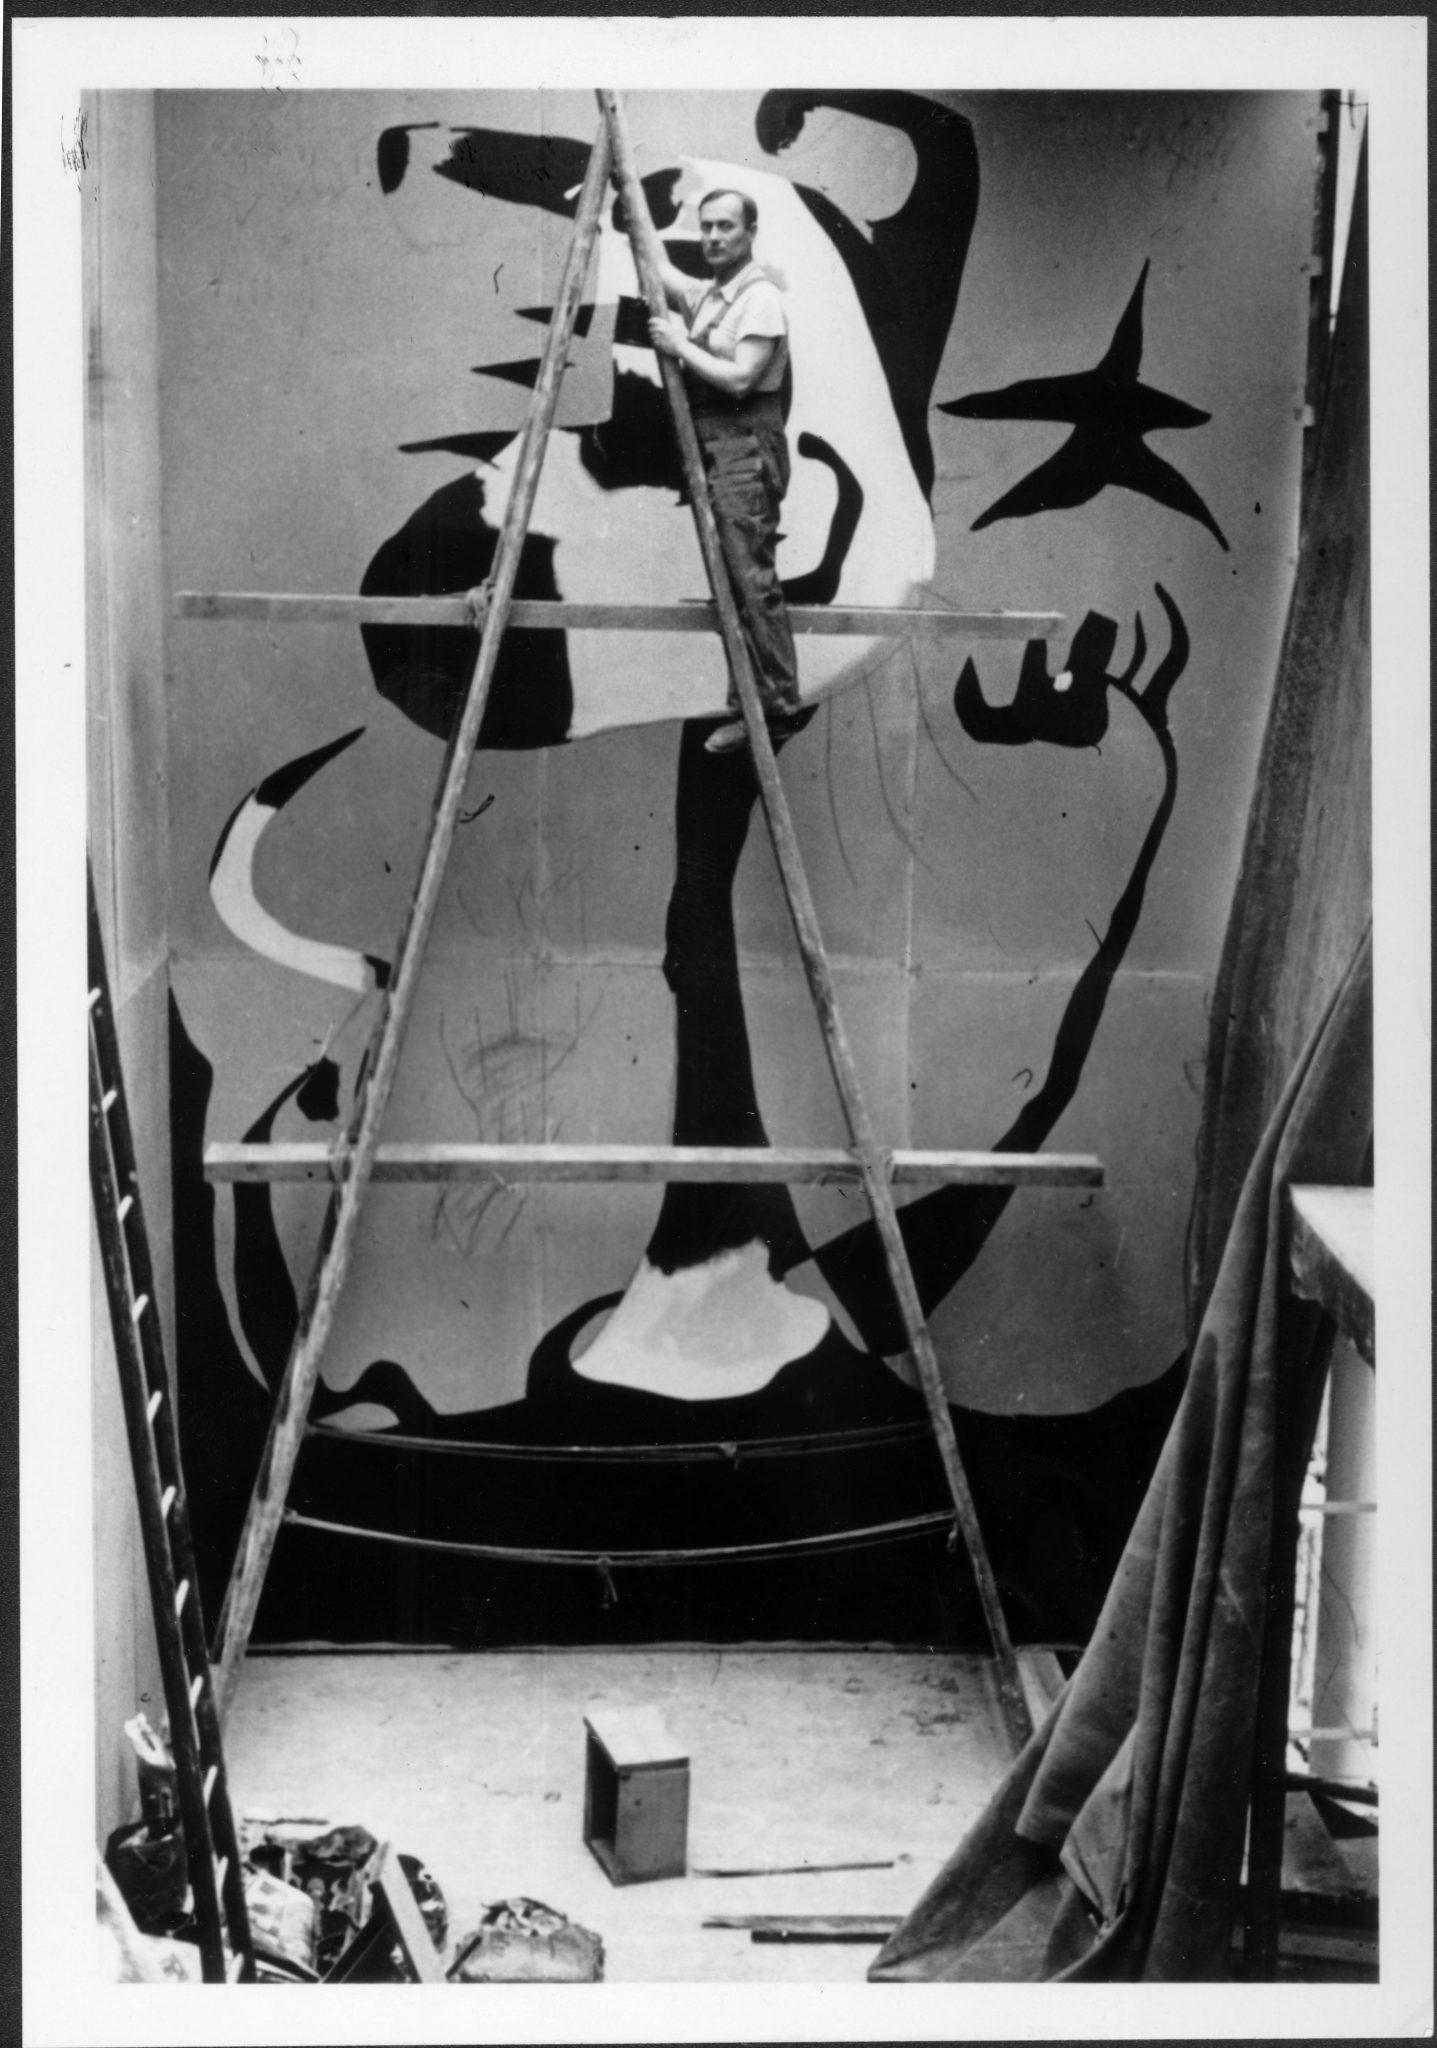 Joan Miró painting El Segador (The Reaper), 1937. © Successió Miró, 2016. Successió Miró Archives.